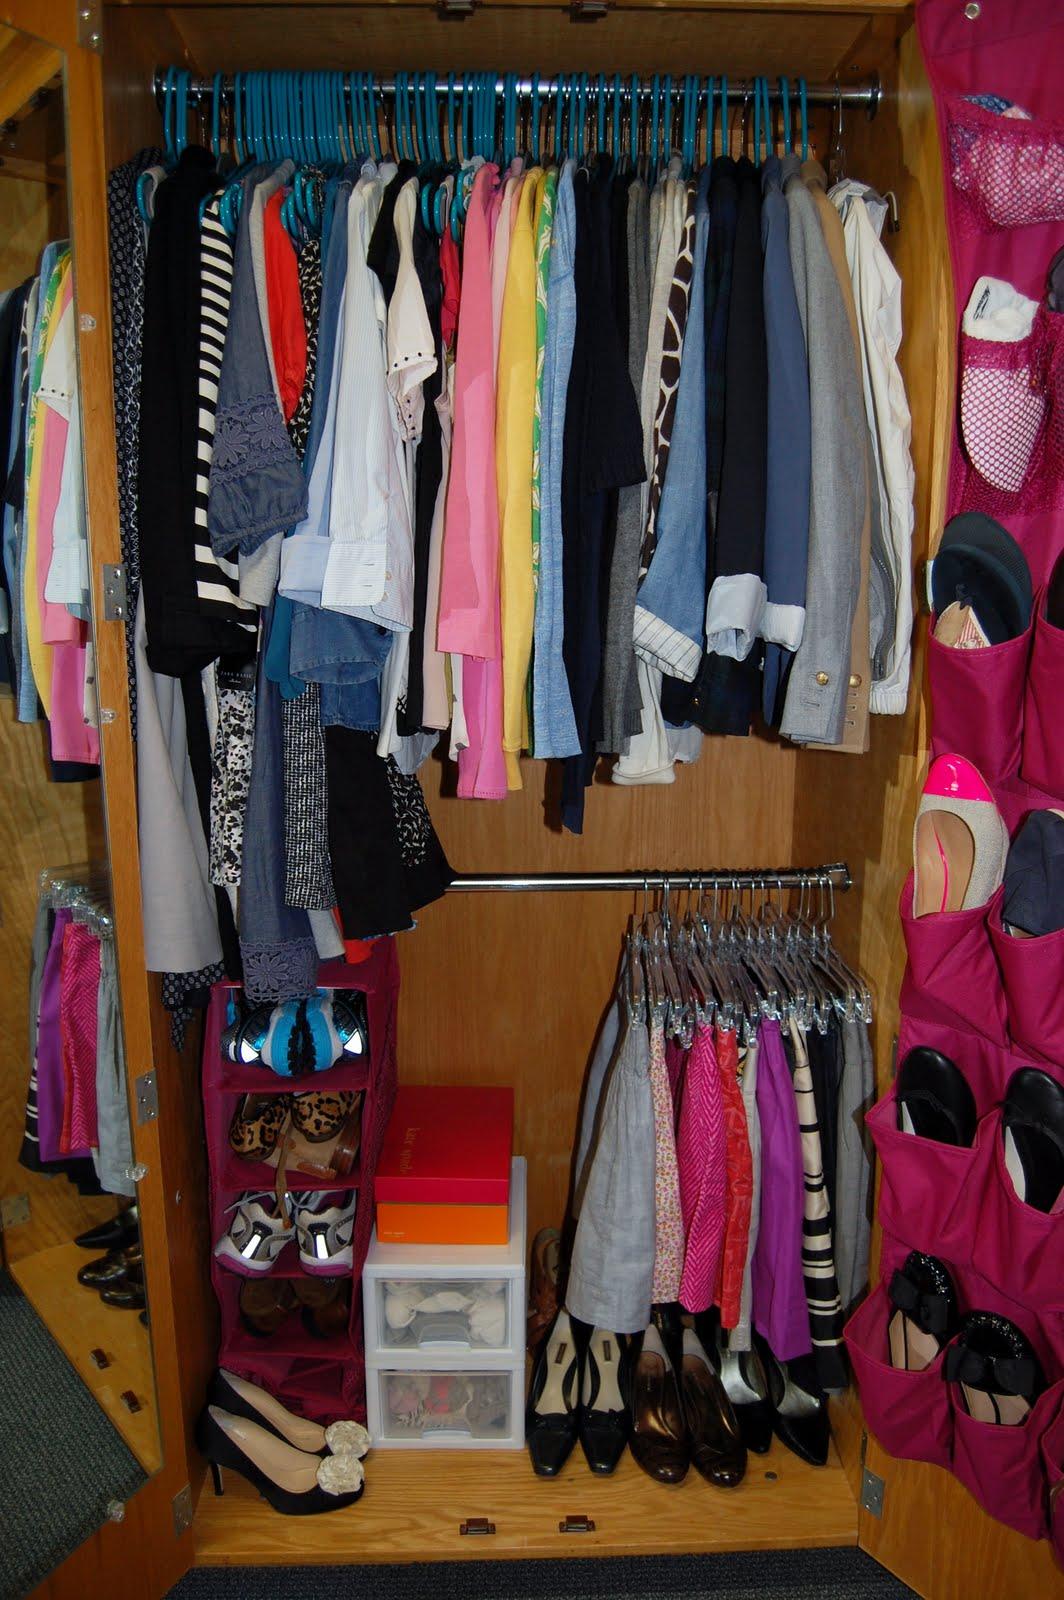 Dorm Room Closet: Carly The Prepster